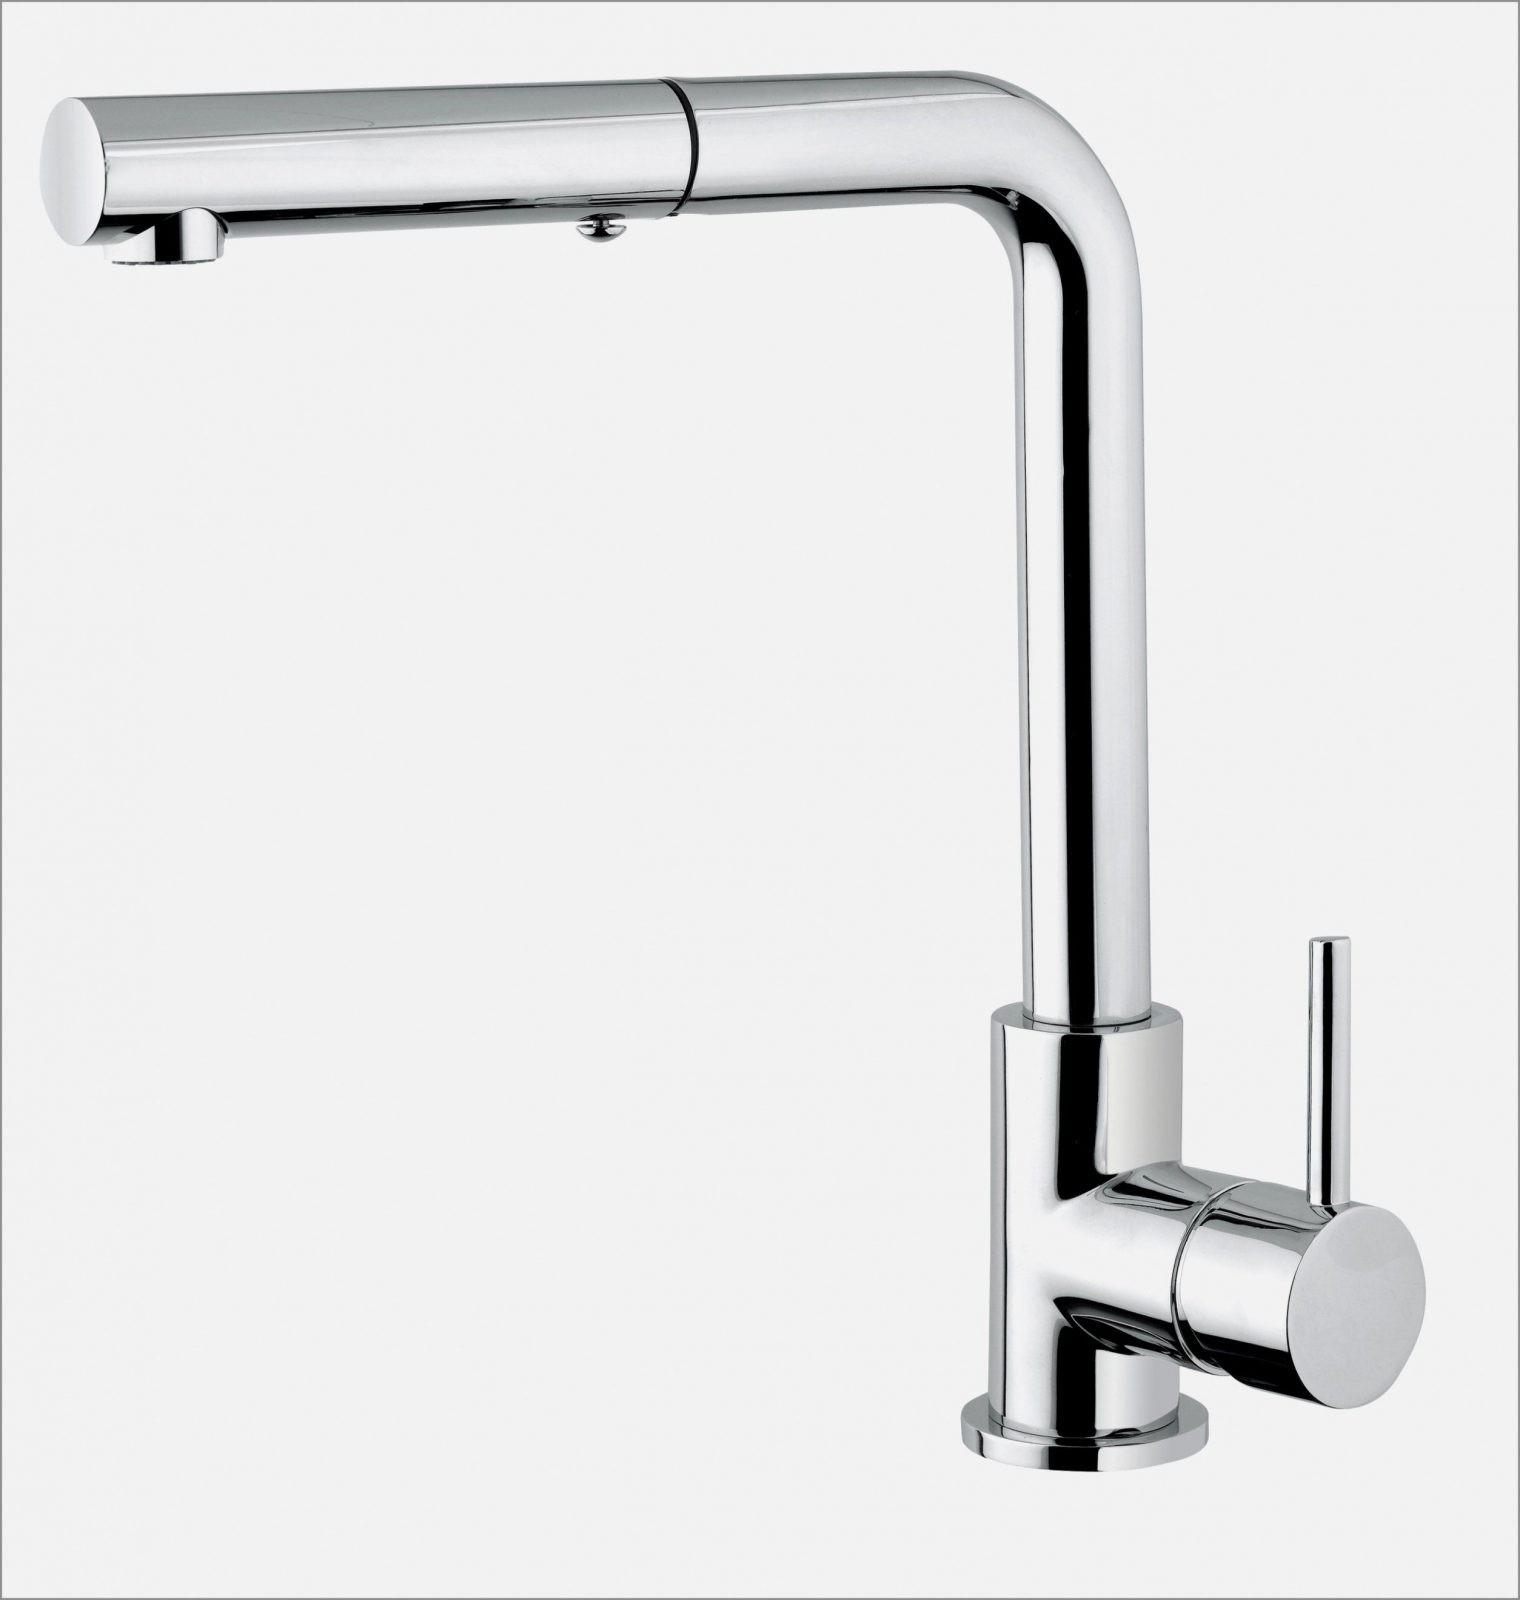 Blanco Küchenarmaturen Elegant Wunderbar Küche Wasserhahn Mit Brause von Küchenarmatur Mit Brause Edelstahl Bild